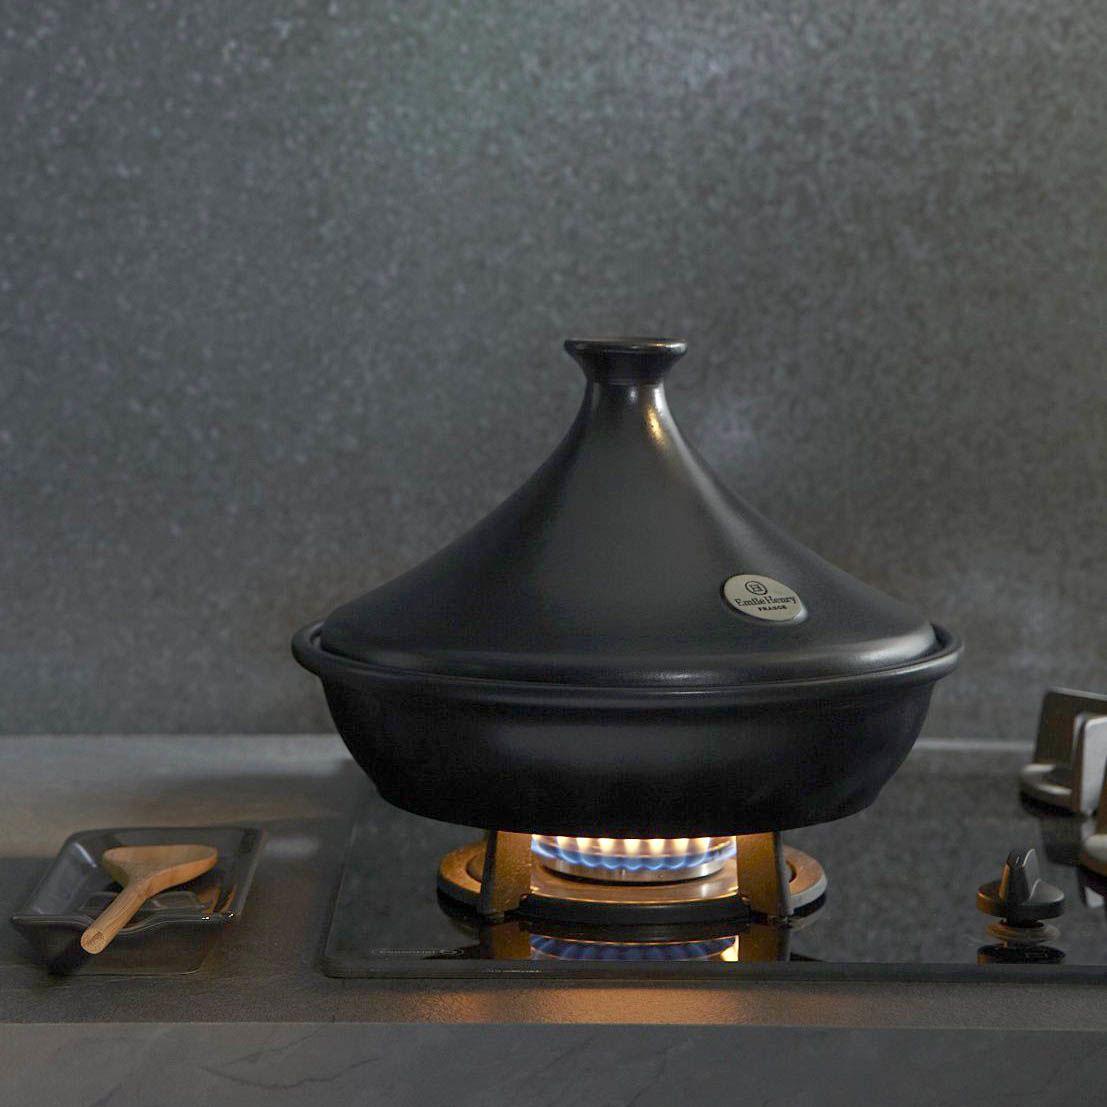 Тажин Emile Henry Flame Bleu Pavot средний 2.5 л керамический с крышкой